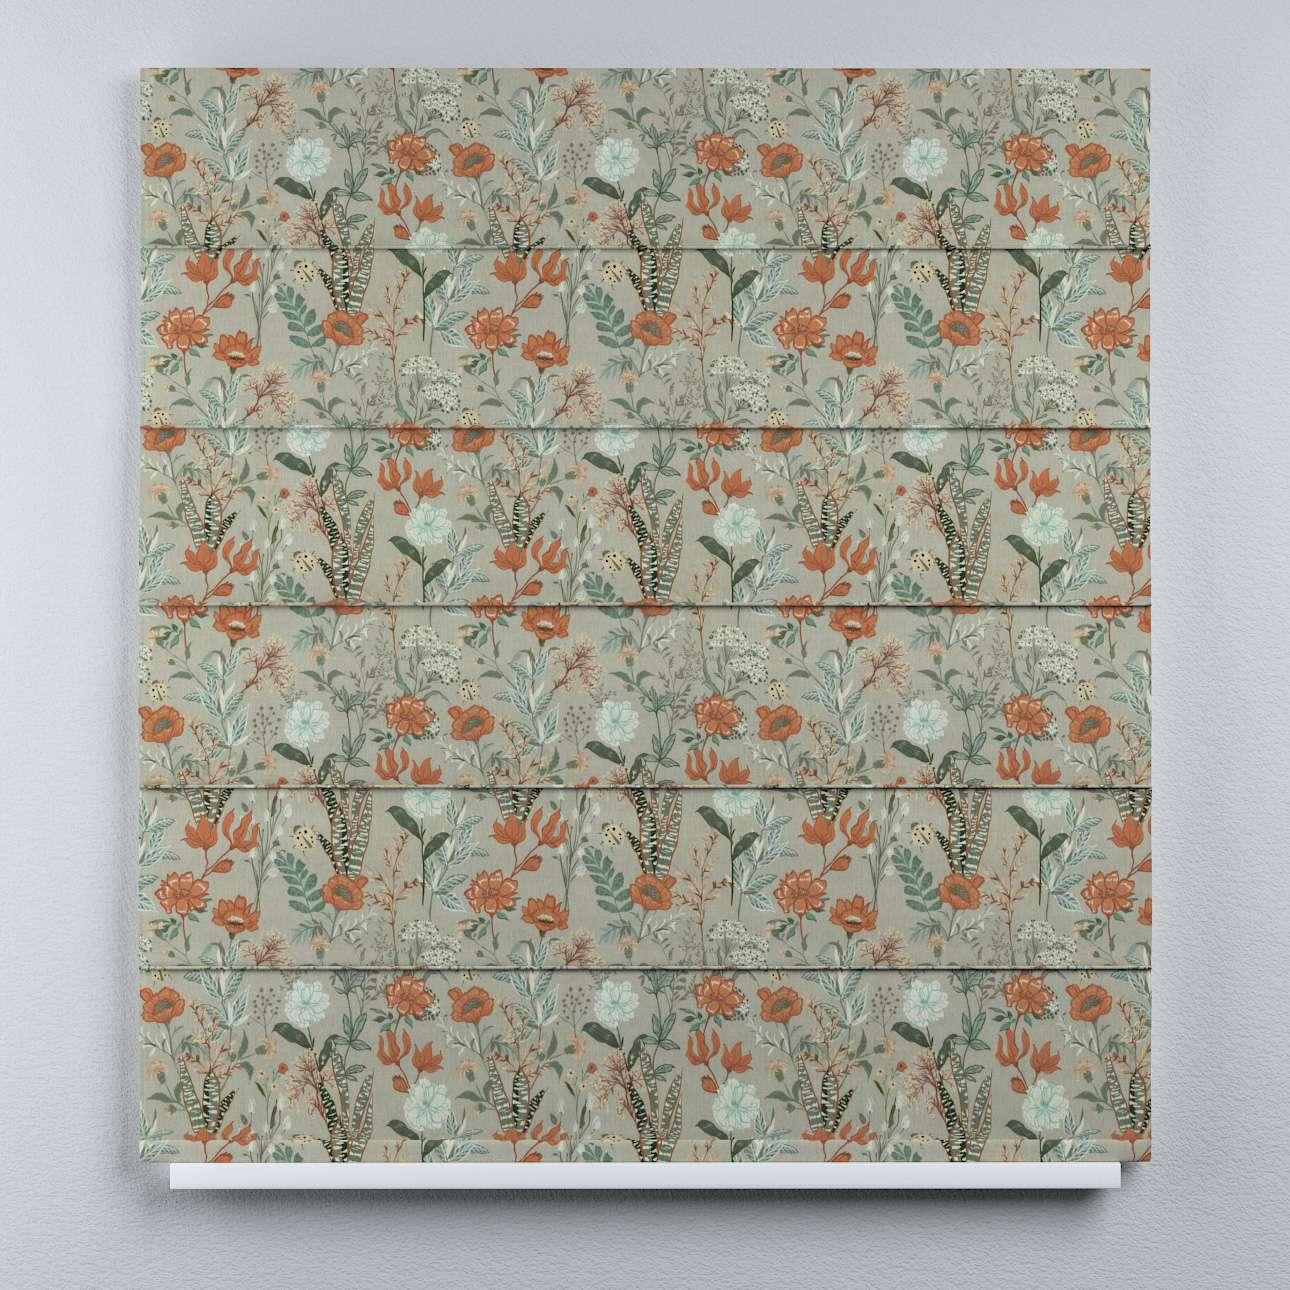 Roleta rzymska Duo w kolekcji Flowers, tkanina: 143-70